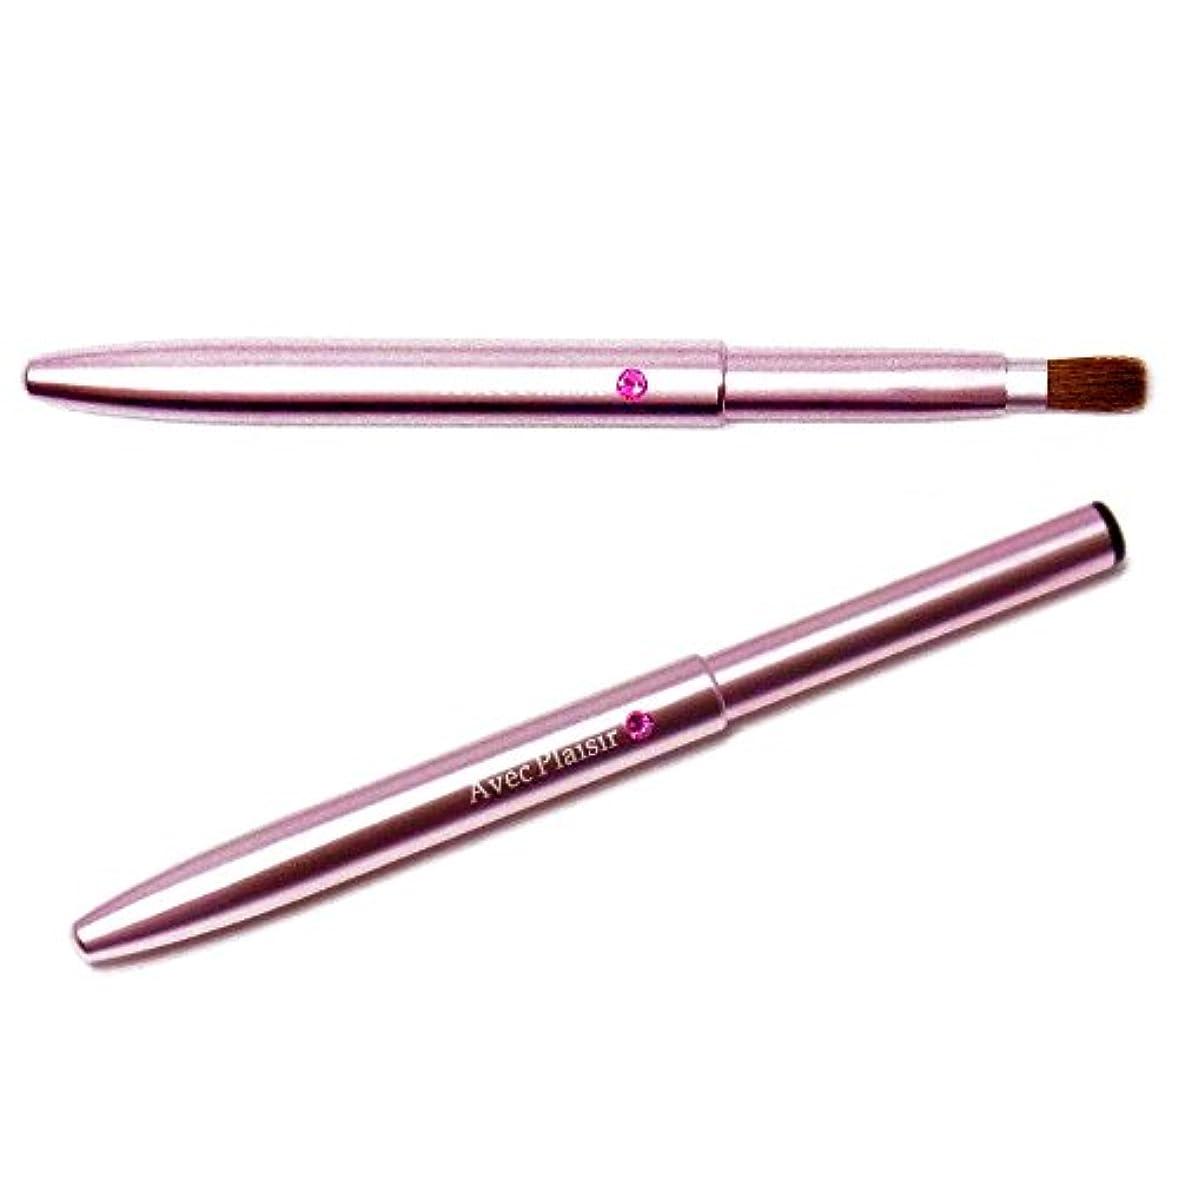 ミシンマザーランド想像力熊野筆 携帯リップブラシ スワロフスキー ピンク 喜筆 KIHITSU LIP BRUSH PINK